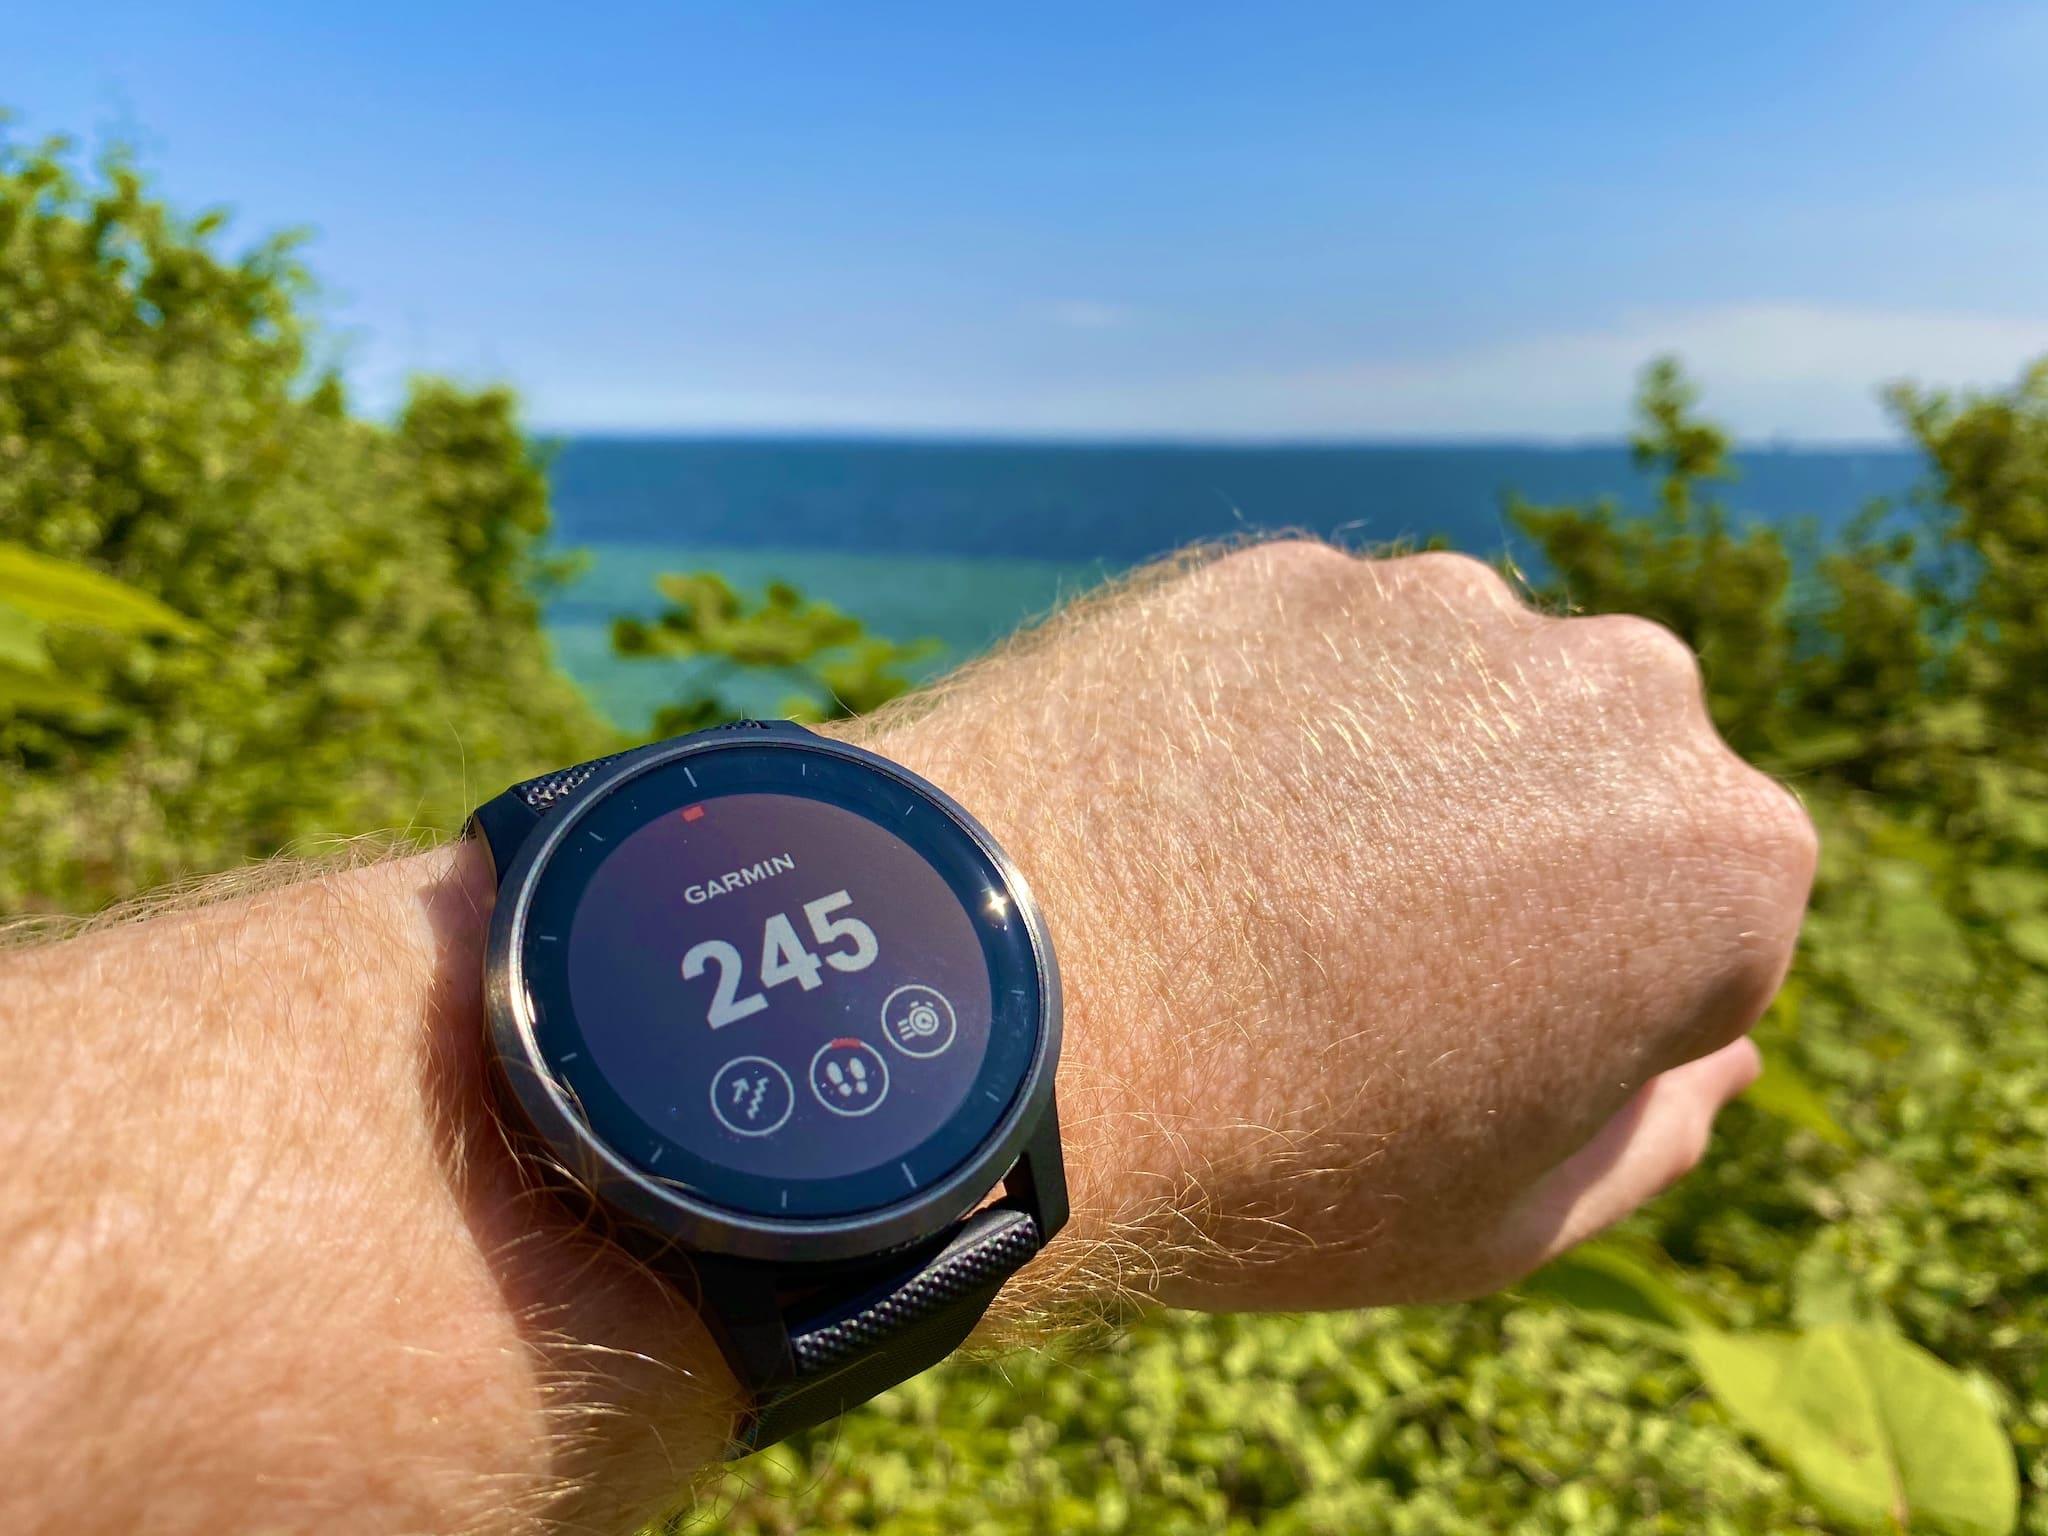 Wir haben die Fitness-Smartwatch in unserem Garmin vivoactive 4 Test ausführlich gecheckt. Welche Spezifikationen hat die Sportuhr? Für wen eignet sich der Zeitmesser? Welche Stärken und Schwächen hat sie? Alle wichtigen Informationen für Dich im Überblick. Foto: Sascha Tegtmeyer